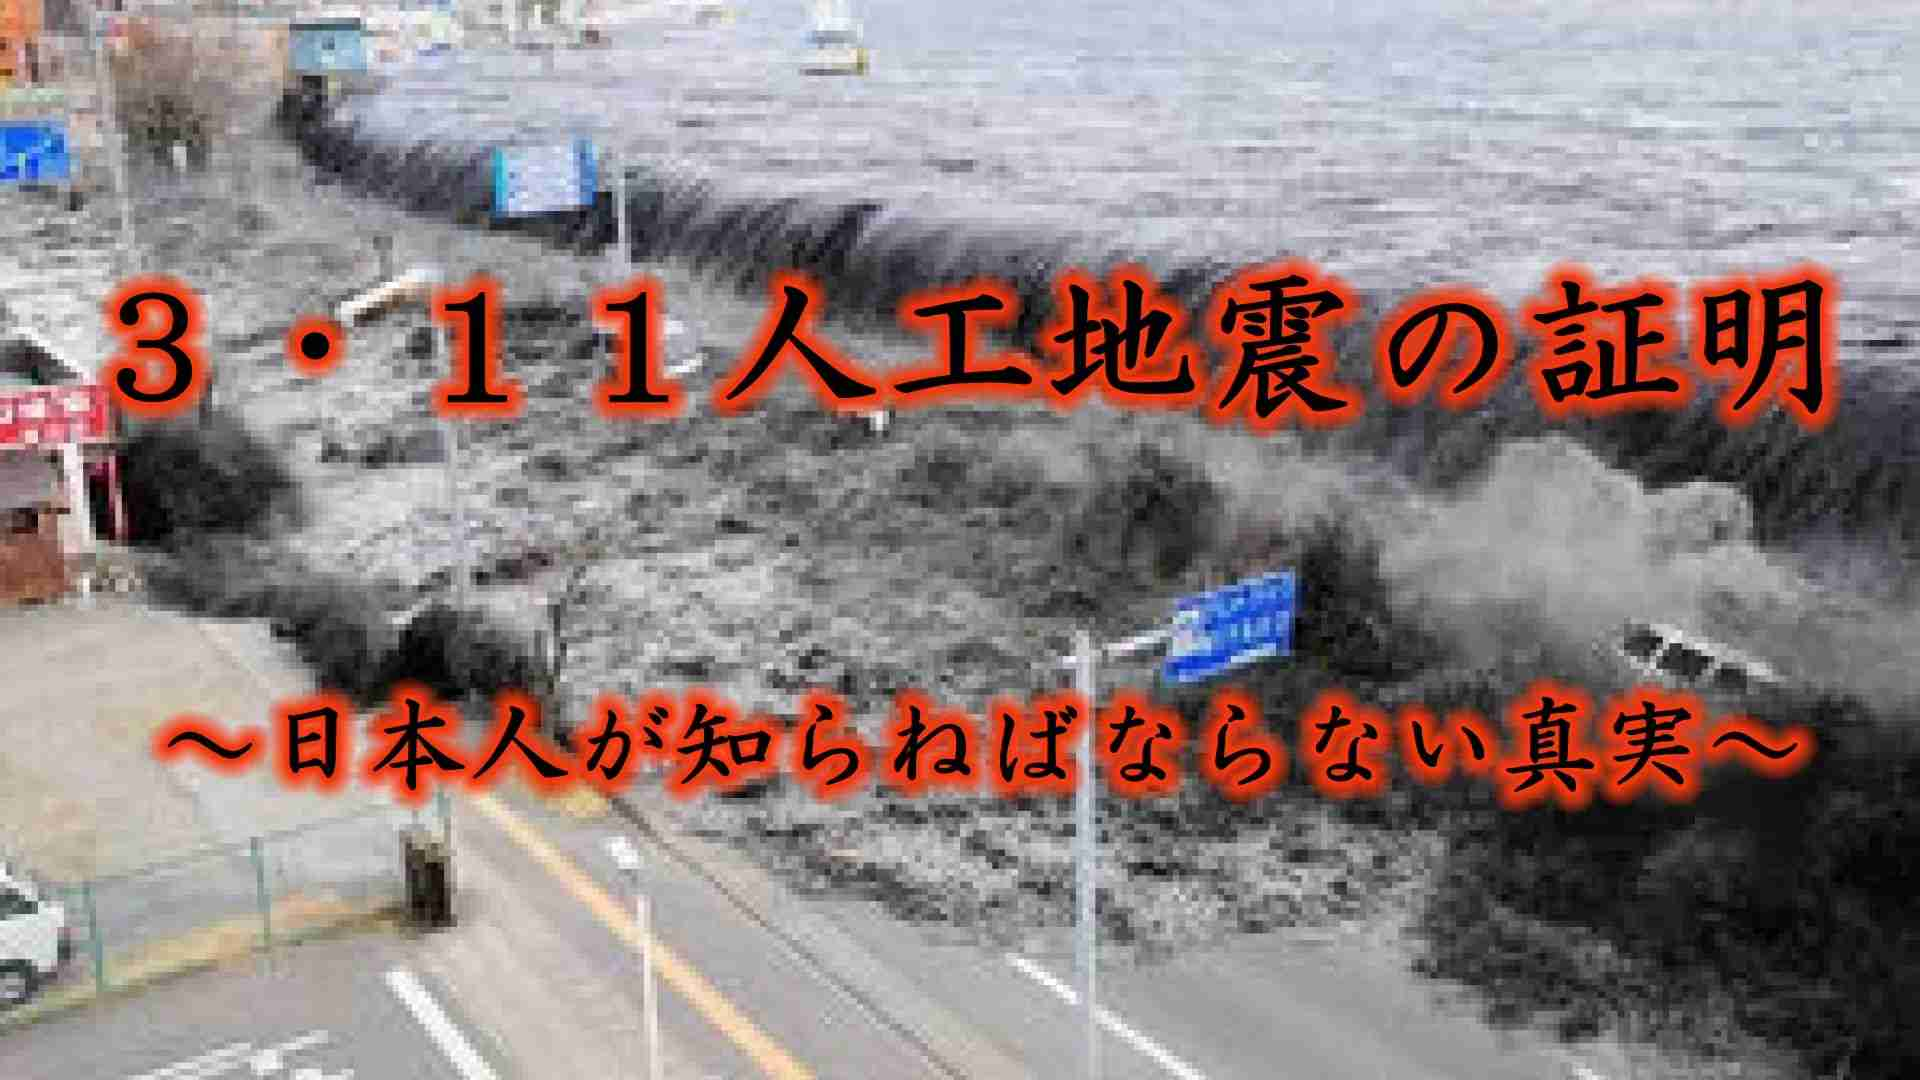 3.11人工地震の証明~日本人が知らねばならない真実~ - YouTube